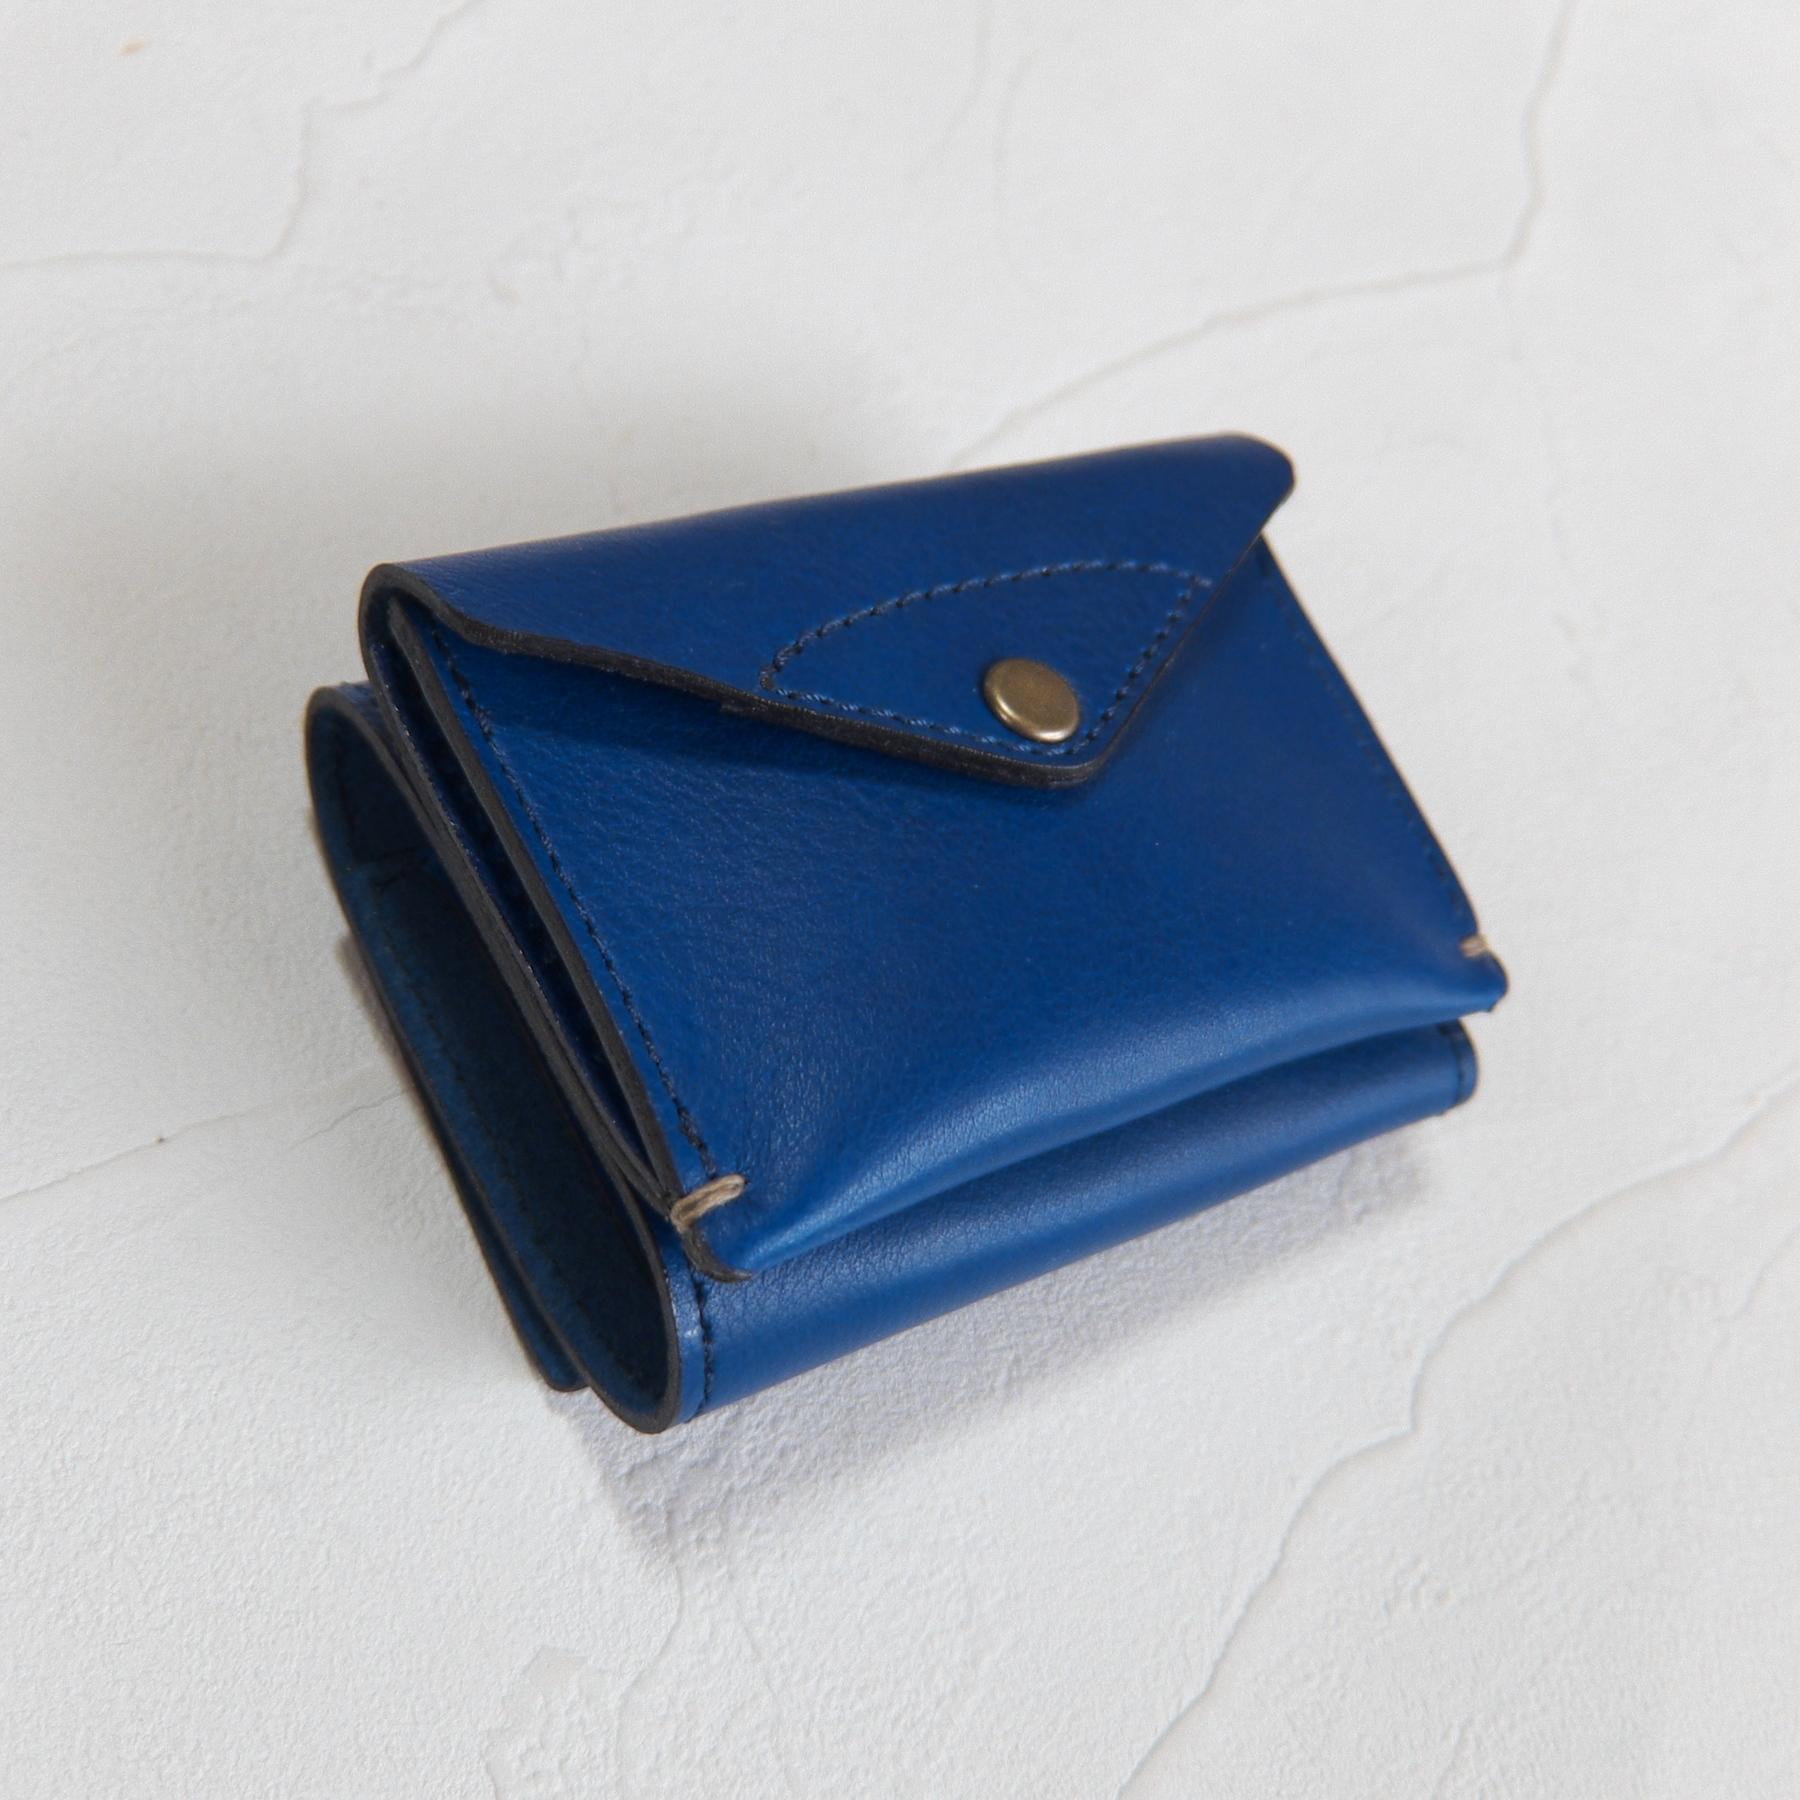 【受注生産】3つ折り財布 Blue(納期約3週間)